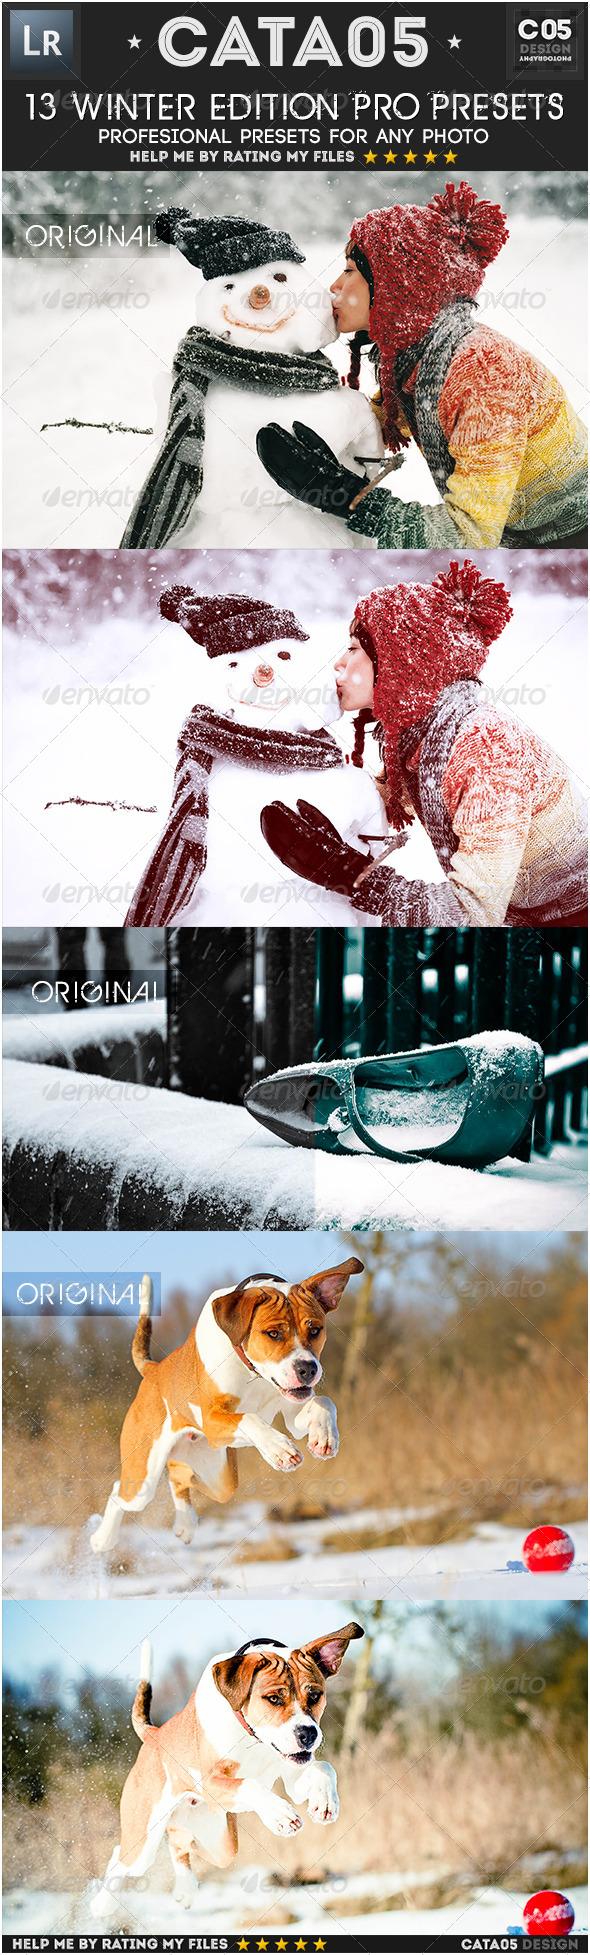 GraphicRiver 13 Winter Edition Pro Presets 6466312